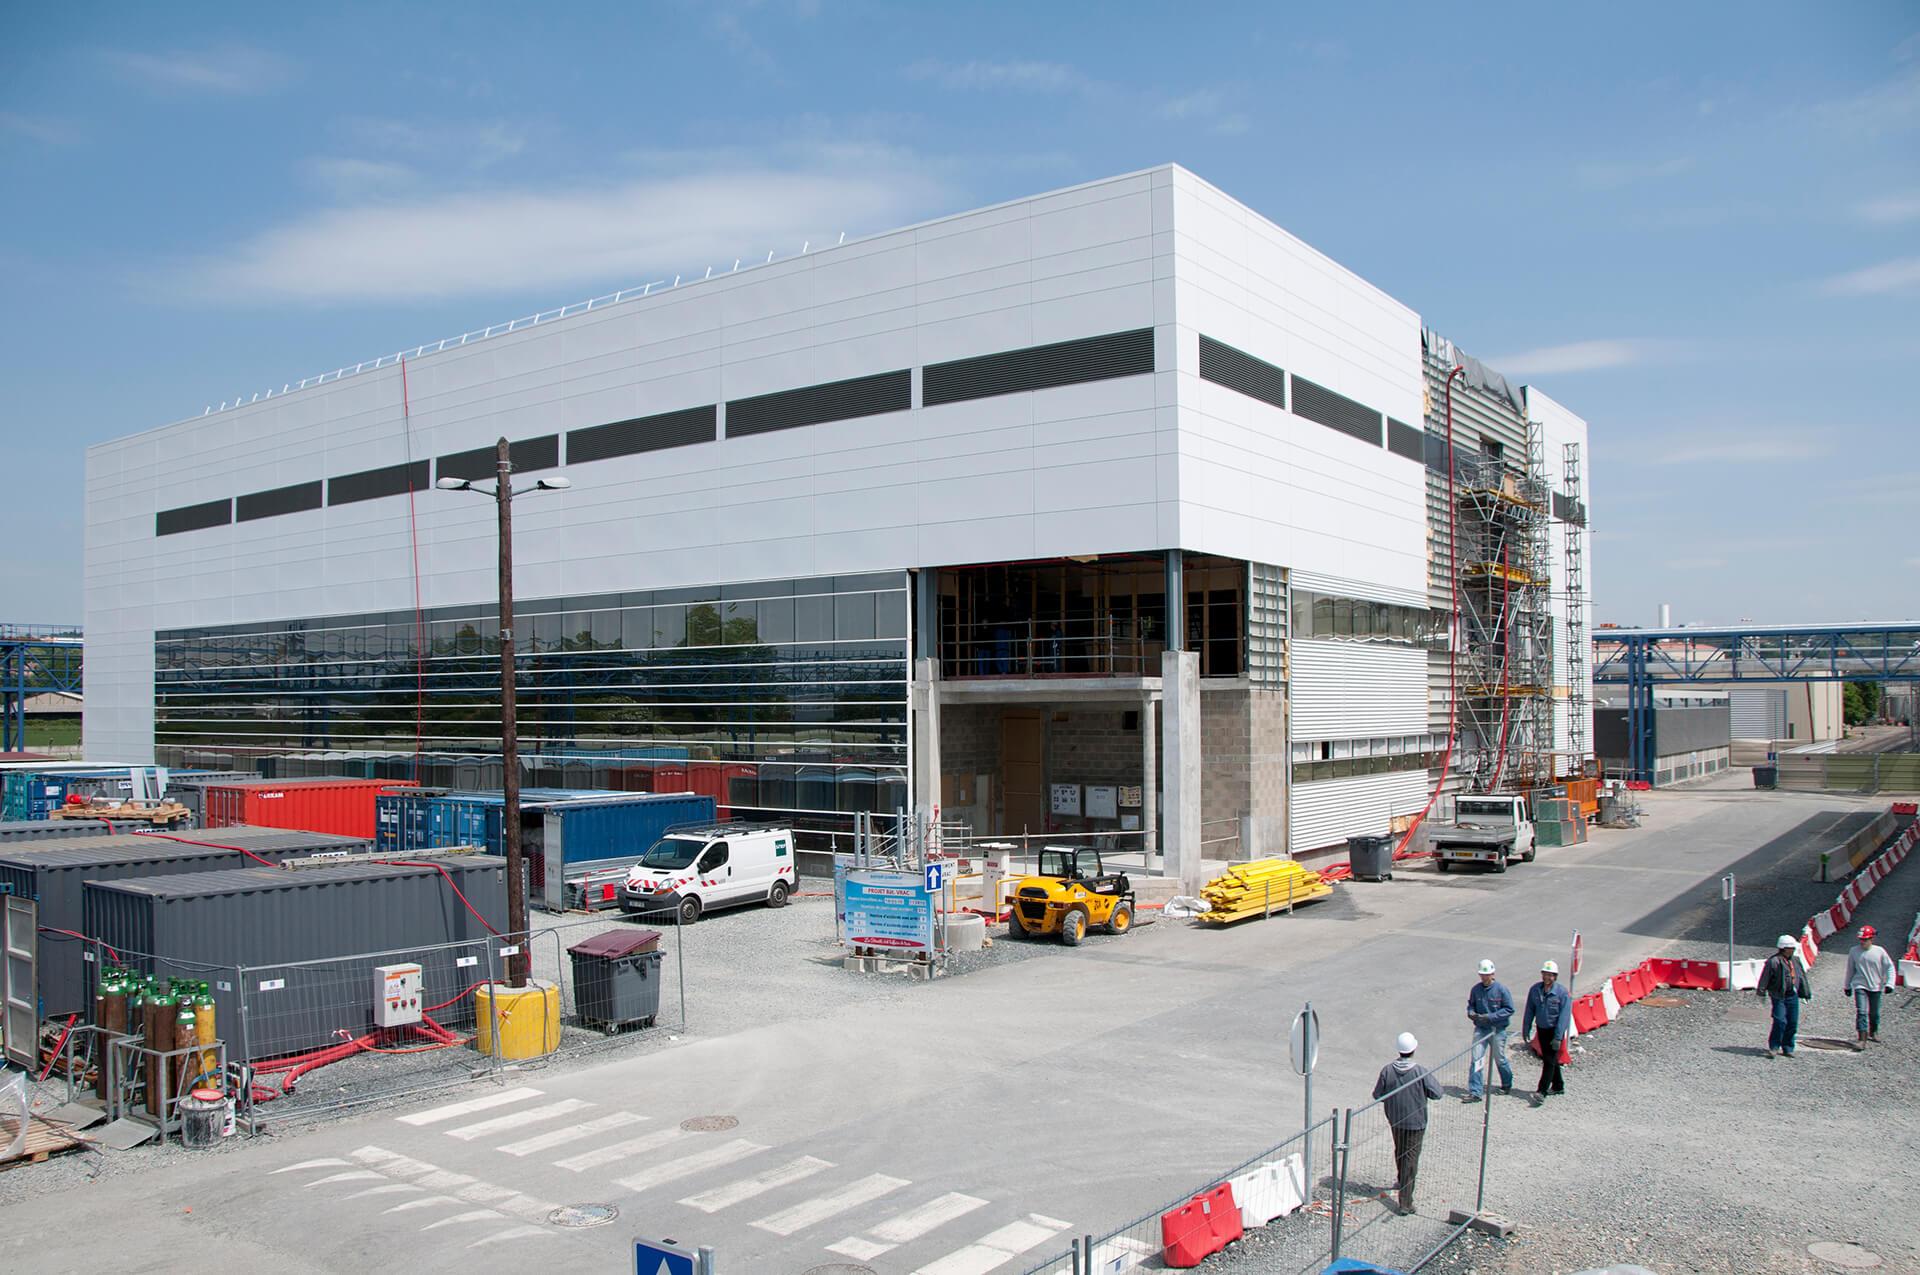 photographe suivi chantier lyon reportage photo suivi de chantier vue sur la façade du bâtiment en cours de construction